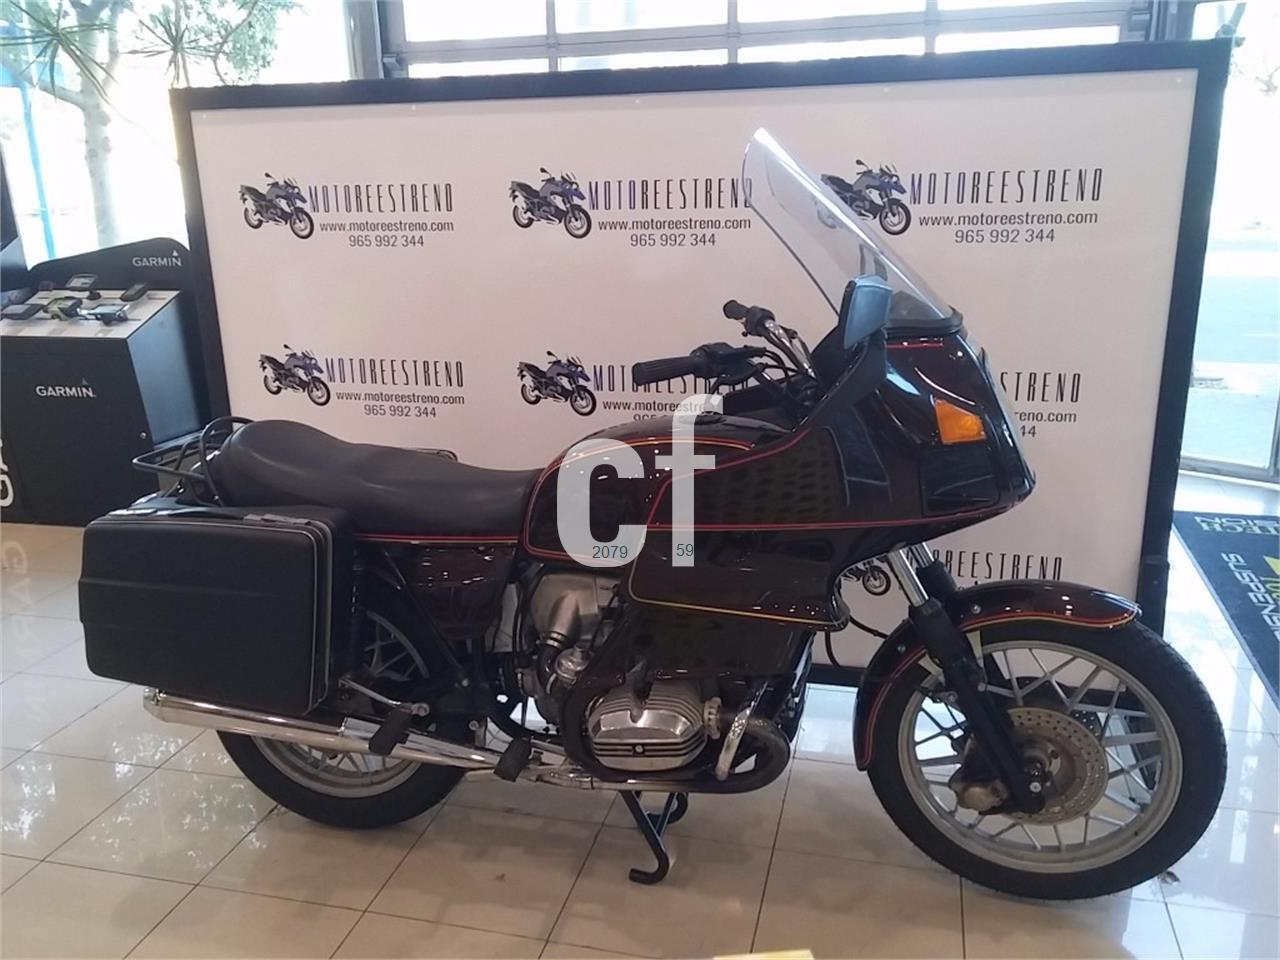 BMW R 100 RT de venta